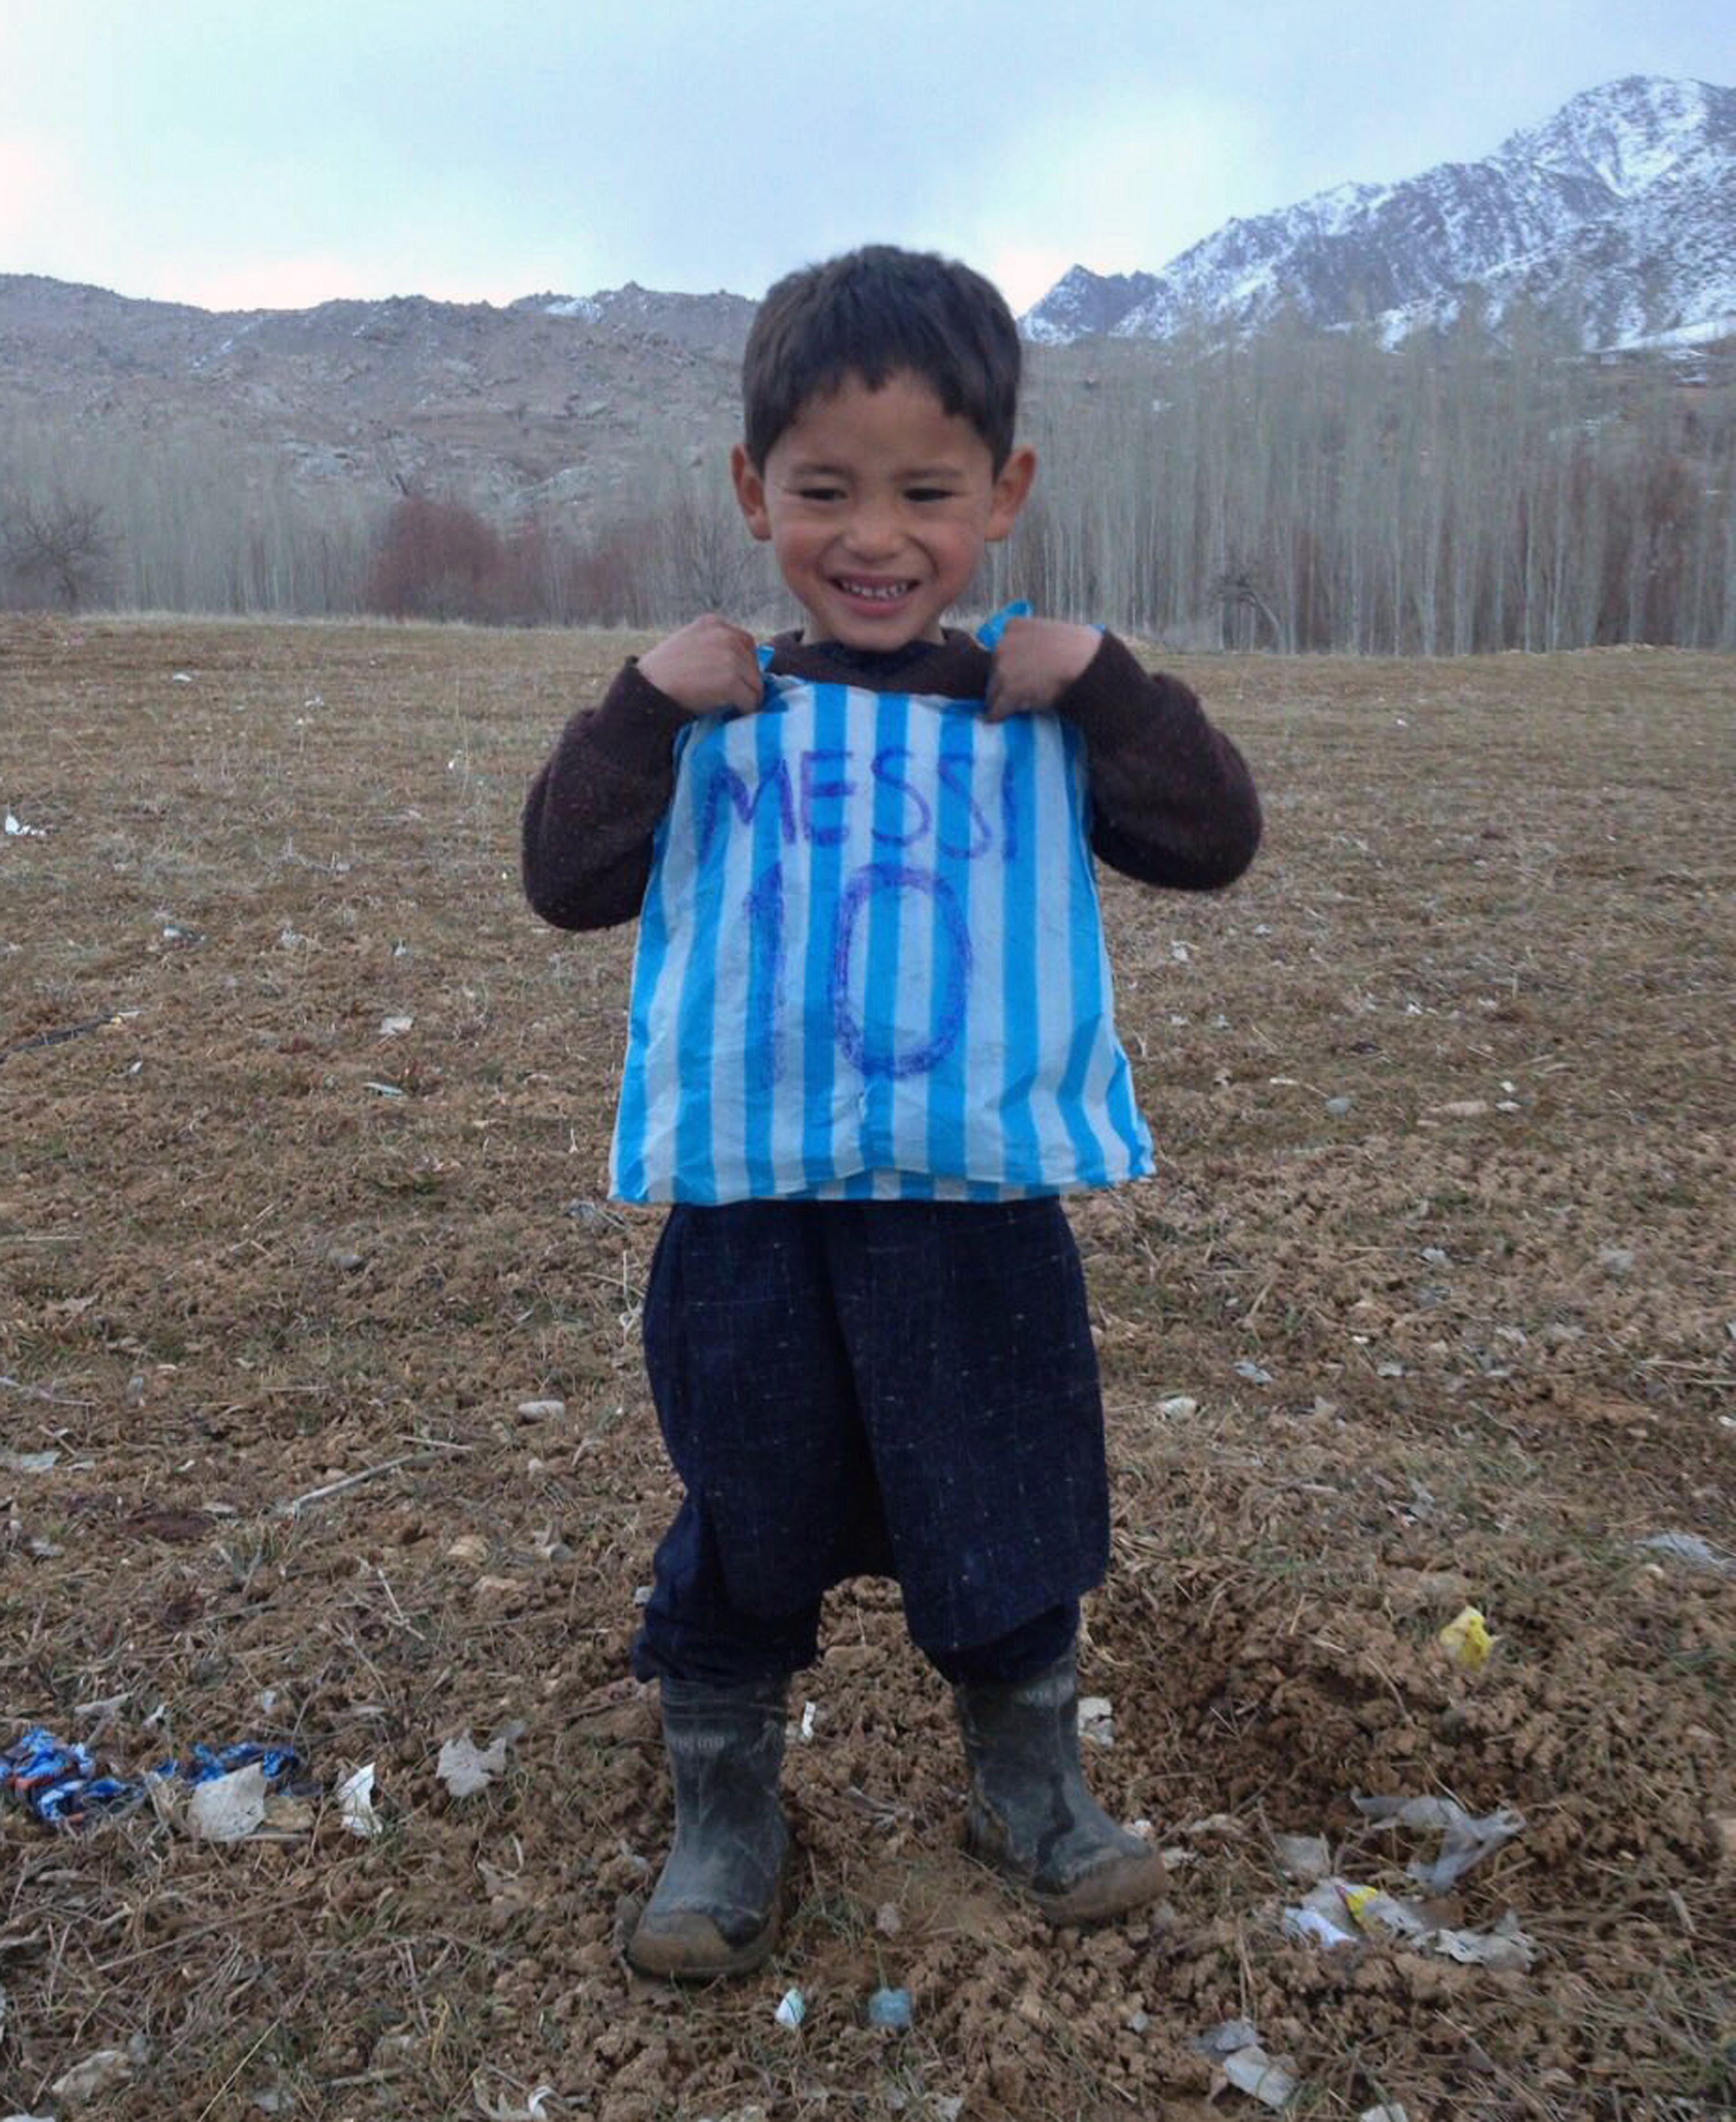 Esta fotografía tomada el 24 de enero de 2016 y proporcionada por la familia del niño afgano y fanático de Lionel Messi Murtaza Ahmadi, de 5 años, con su camiseta de bolsa de plástico en el distrito de Jaghori de la provincia de Ghazni.